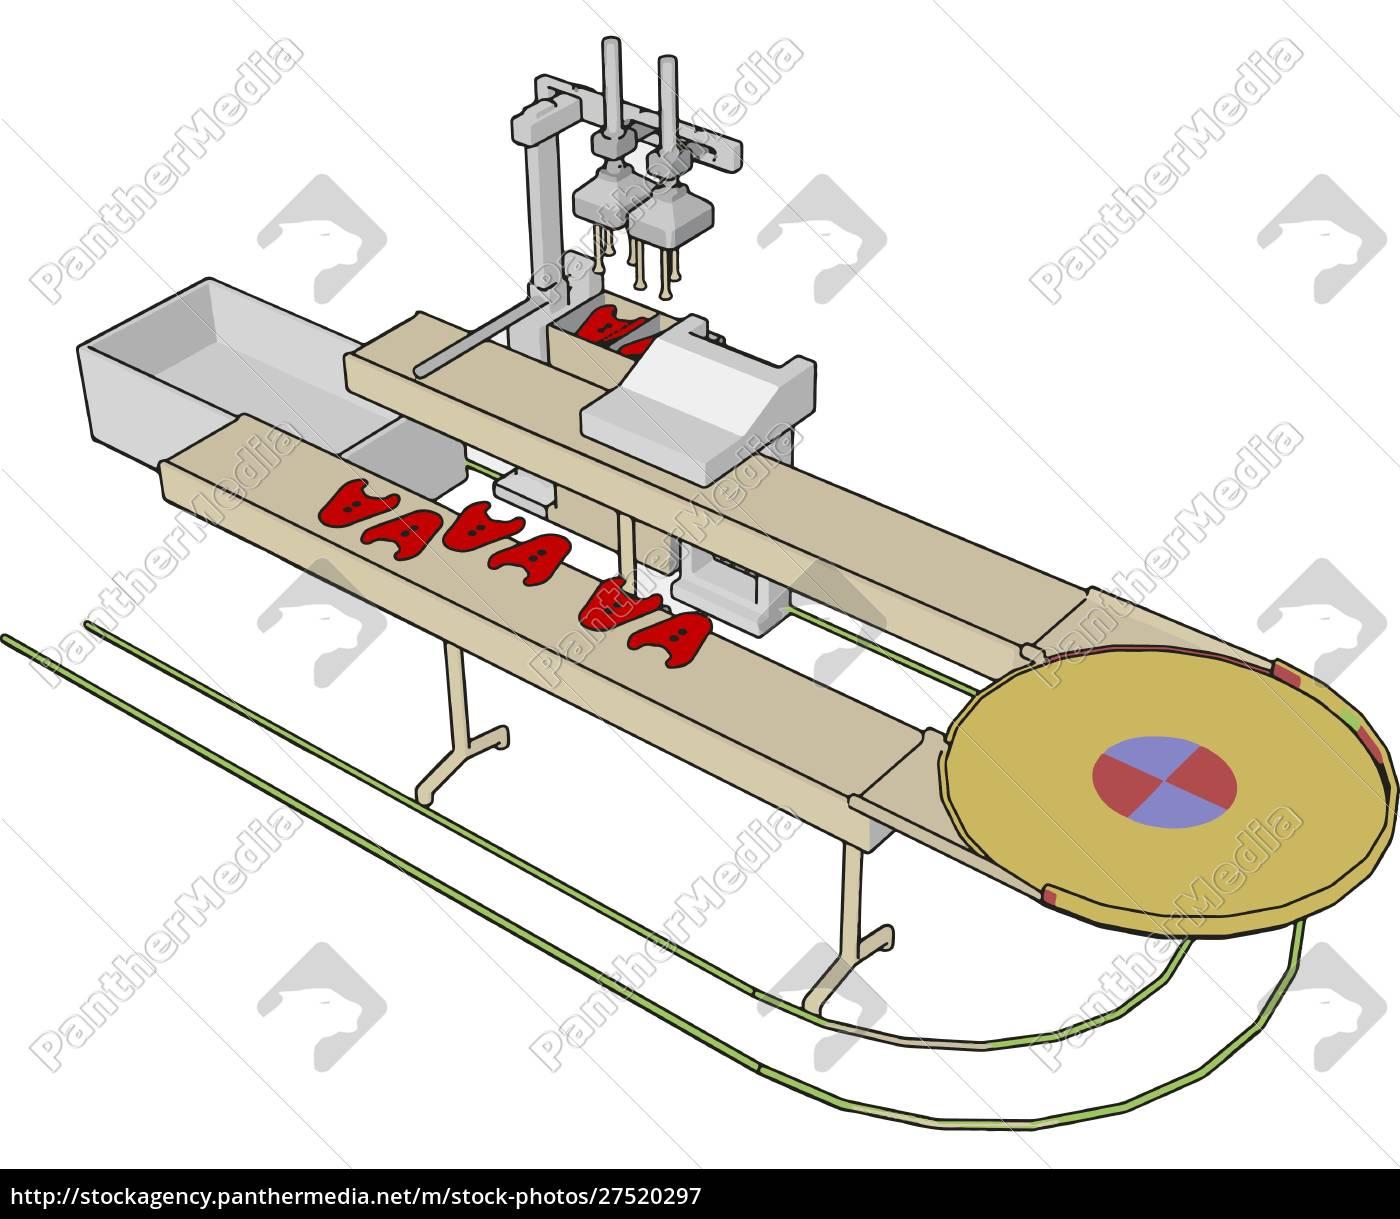 fabrikmaschine, illustration, vektor, auf, weißem, hintergrund., illustration, vektor, auf, weißem - 27520297